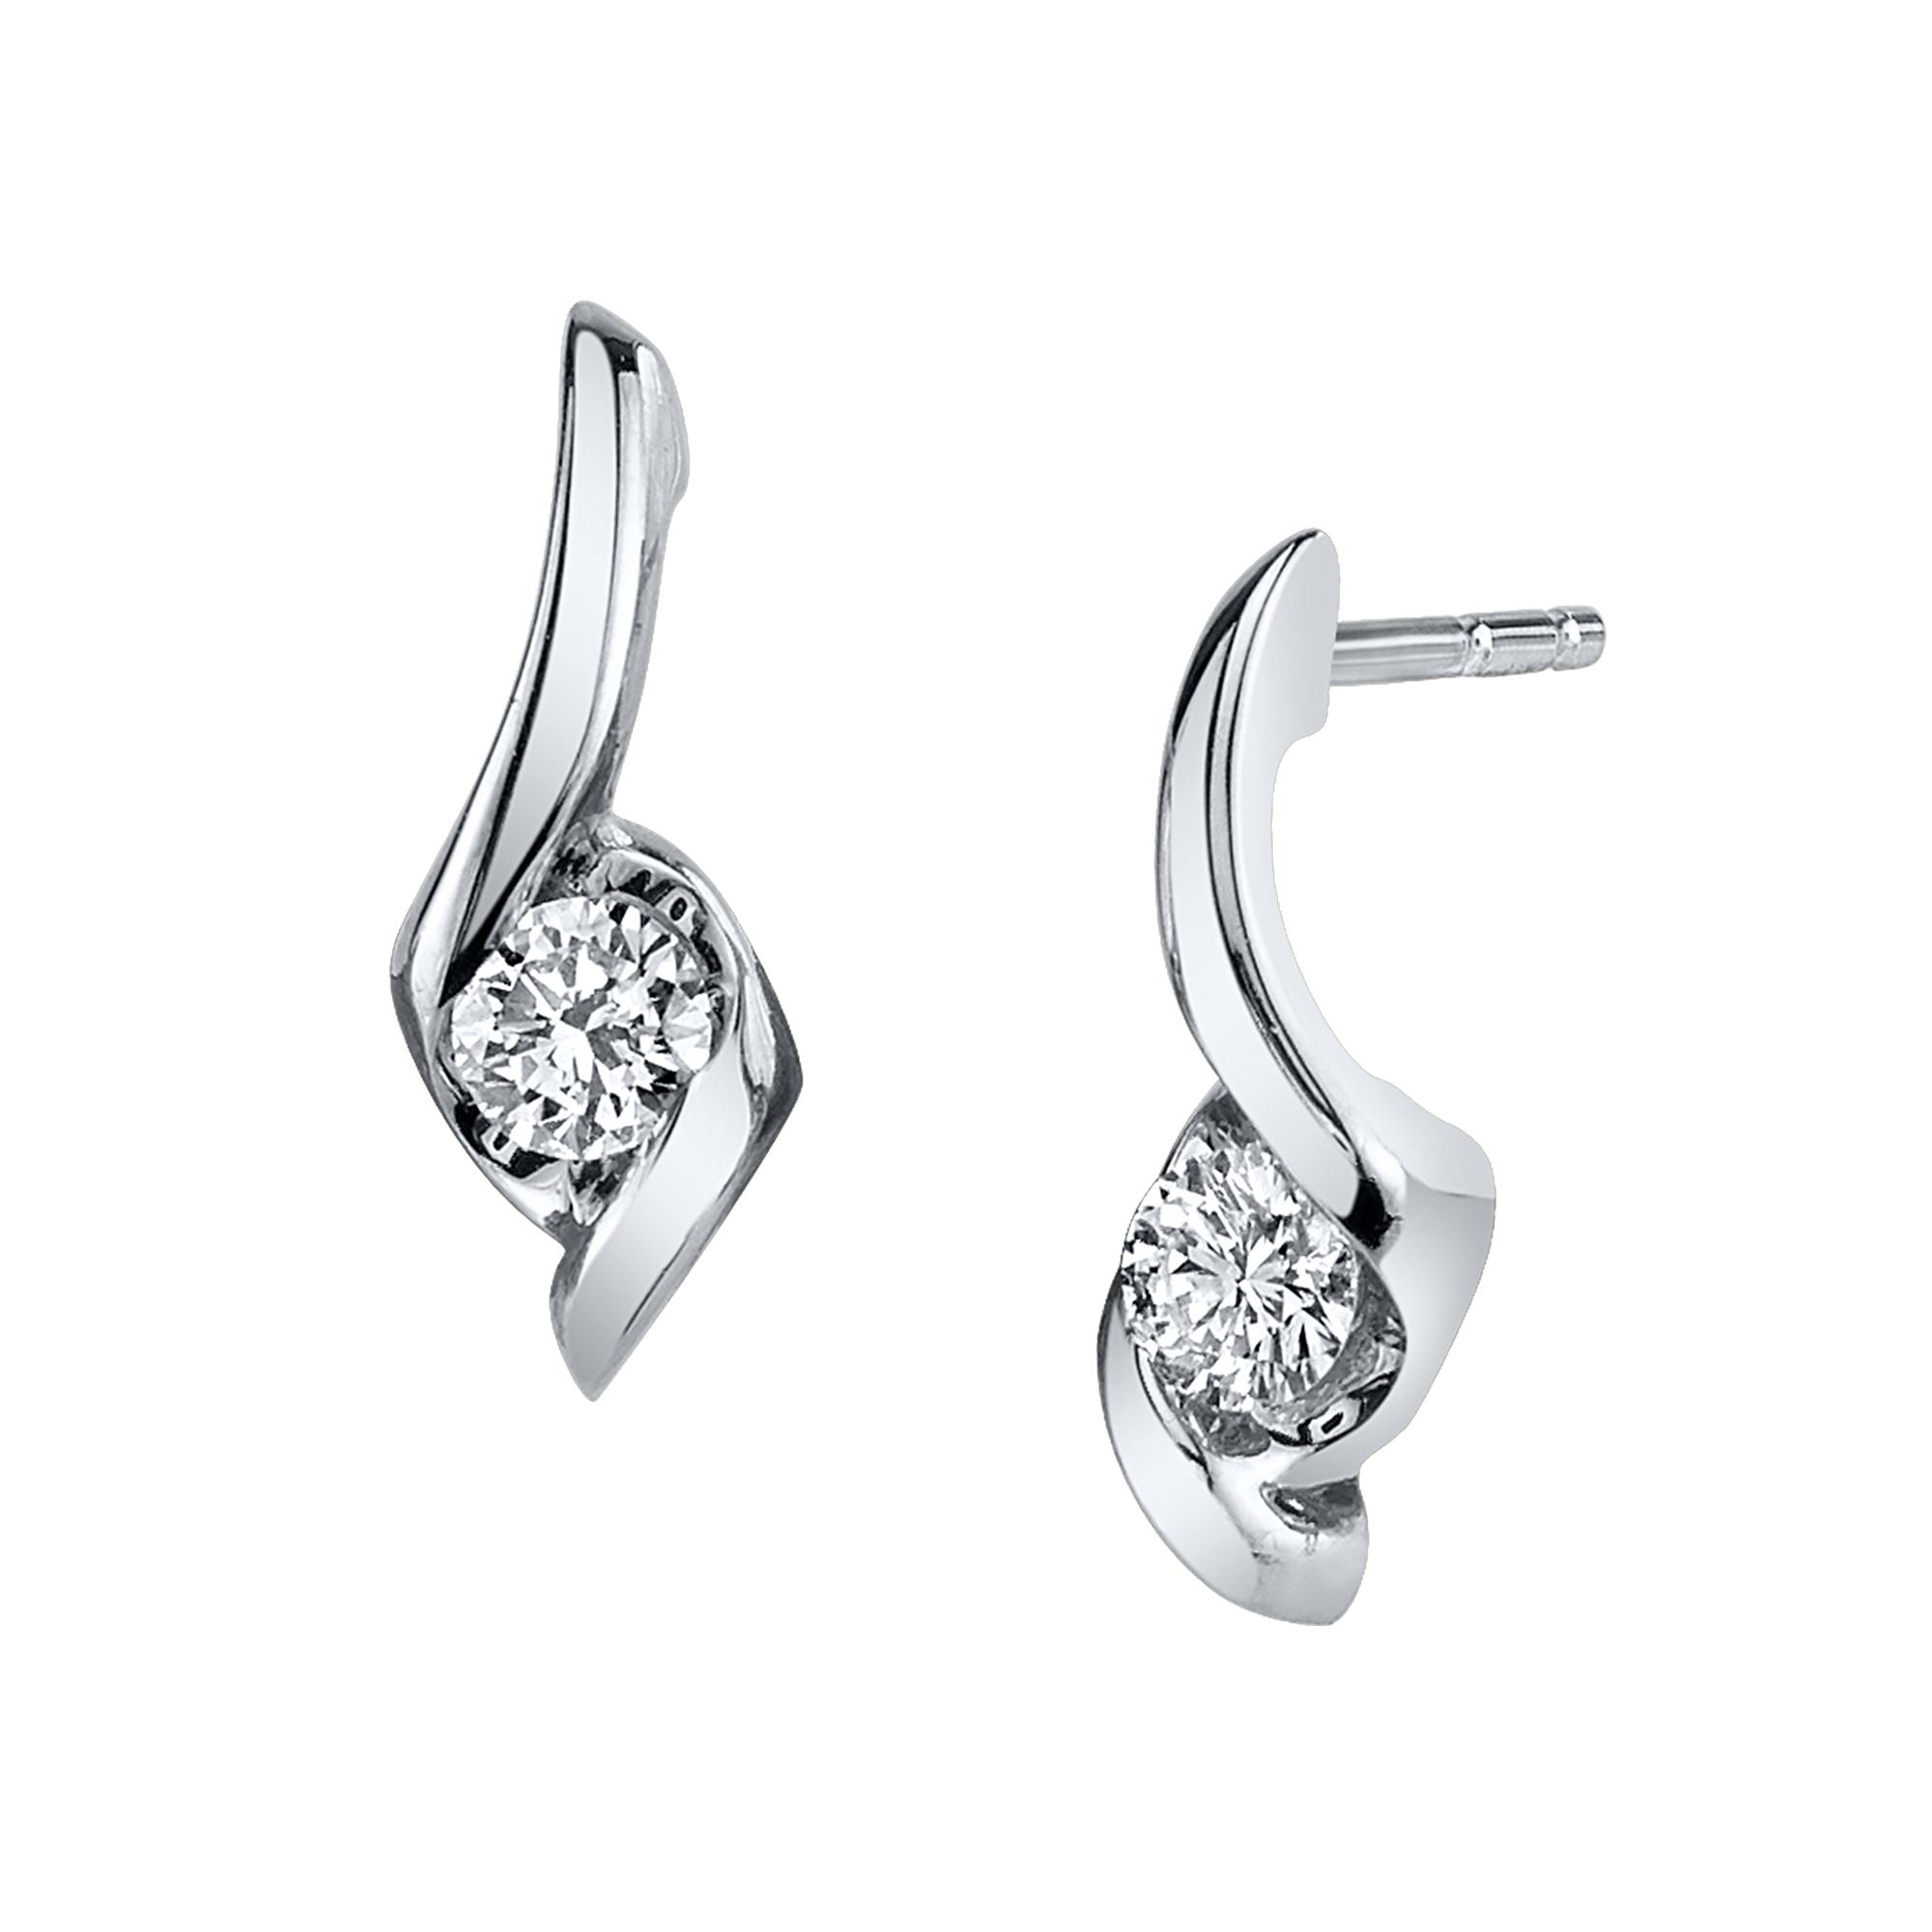 Diamond Earrings Robert Laurence Jewelers